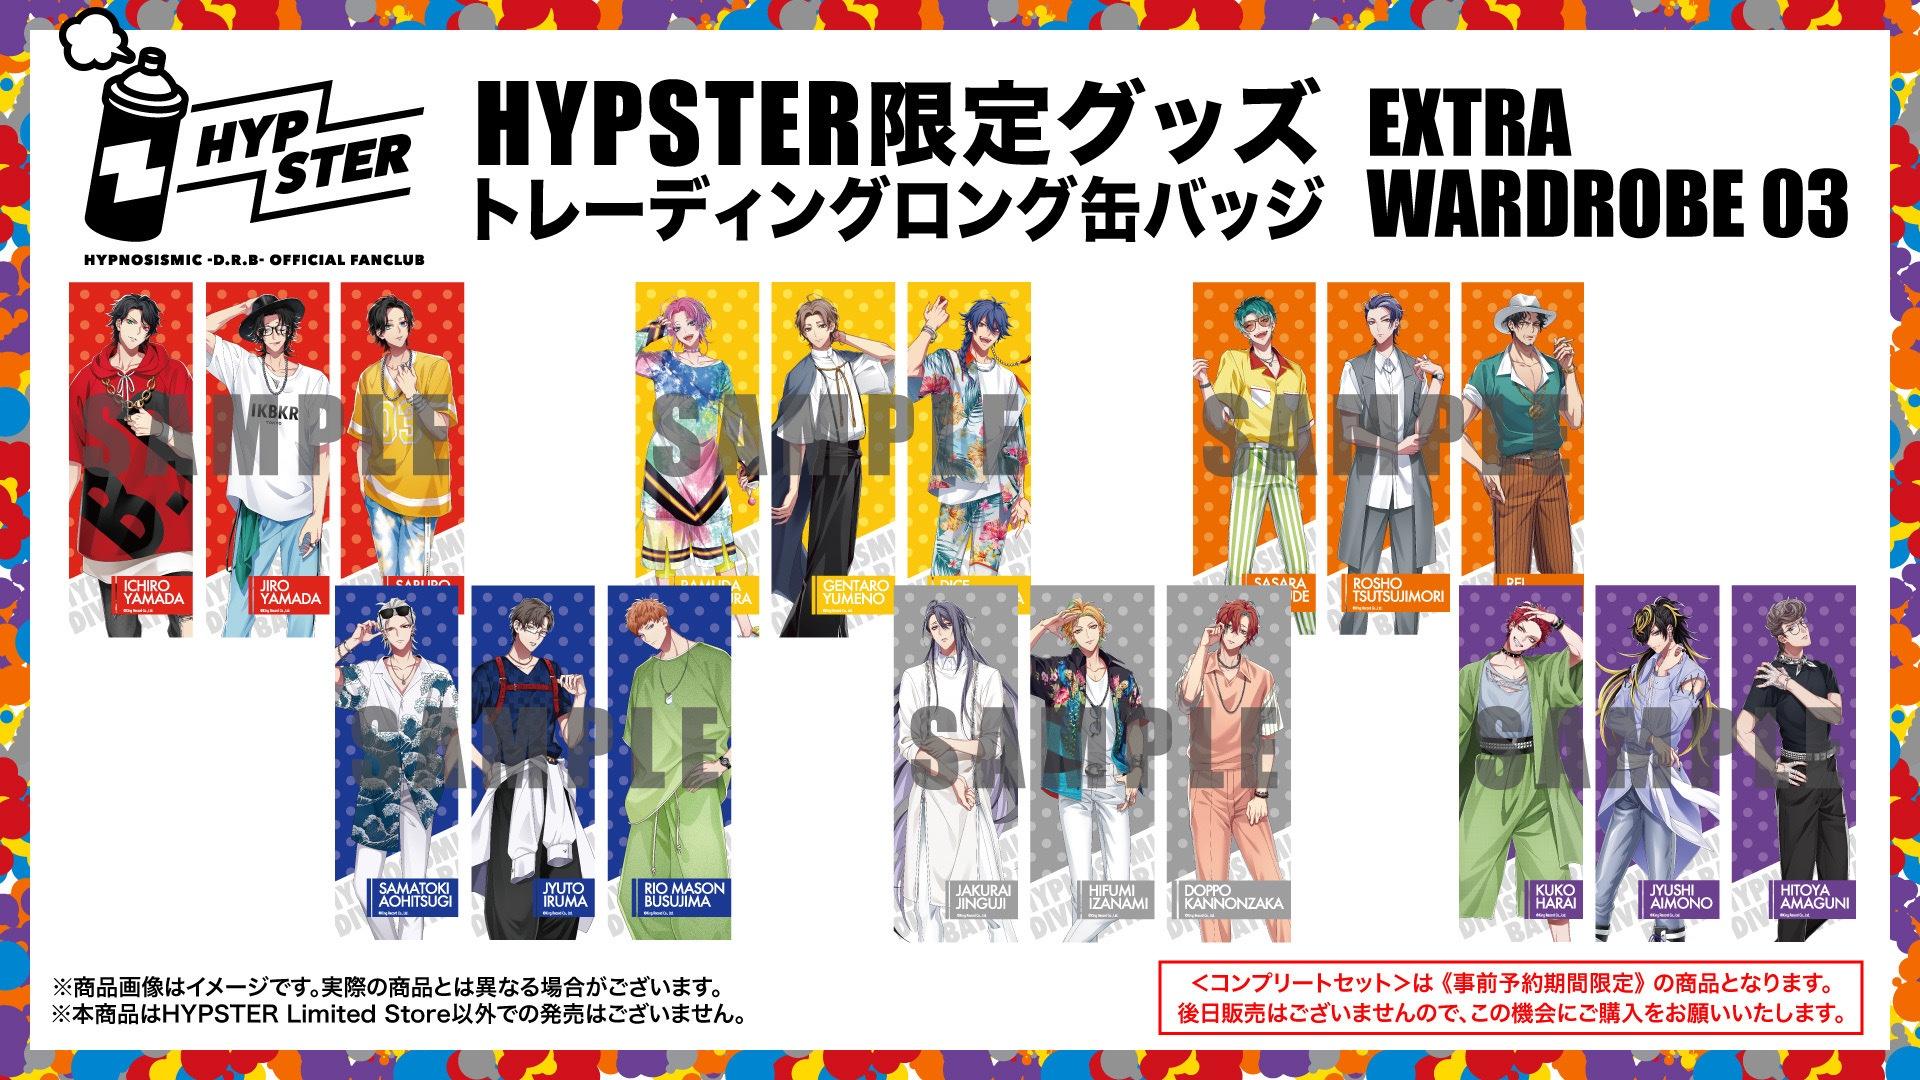 """簓が開眼!?「ヒプマイ」新衣装""""Extra Wardrobe 03""""にキュン死する人続出!"""